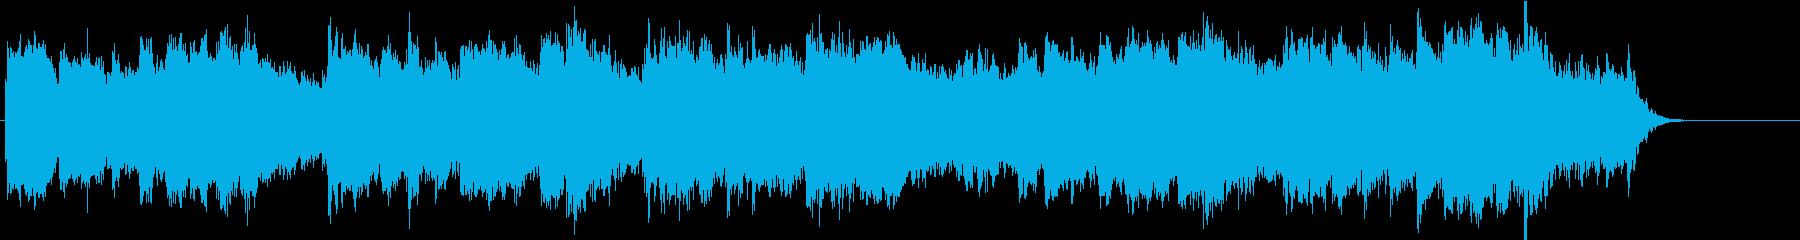 「こいのぼり」のオーケストラ風カバーの再生済みの波形